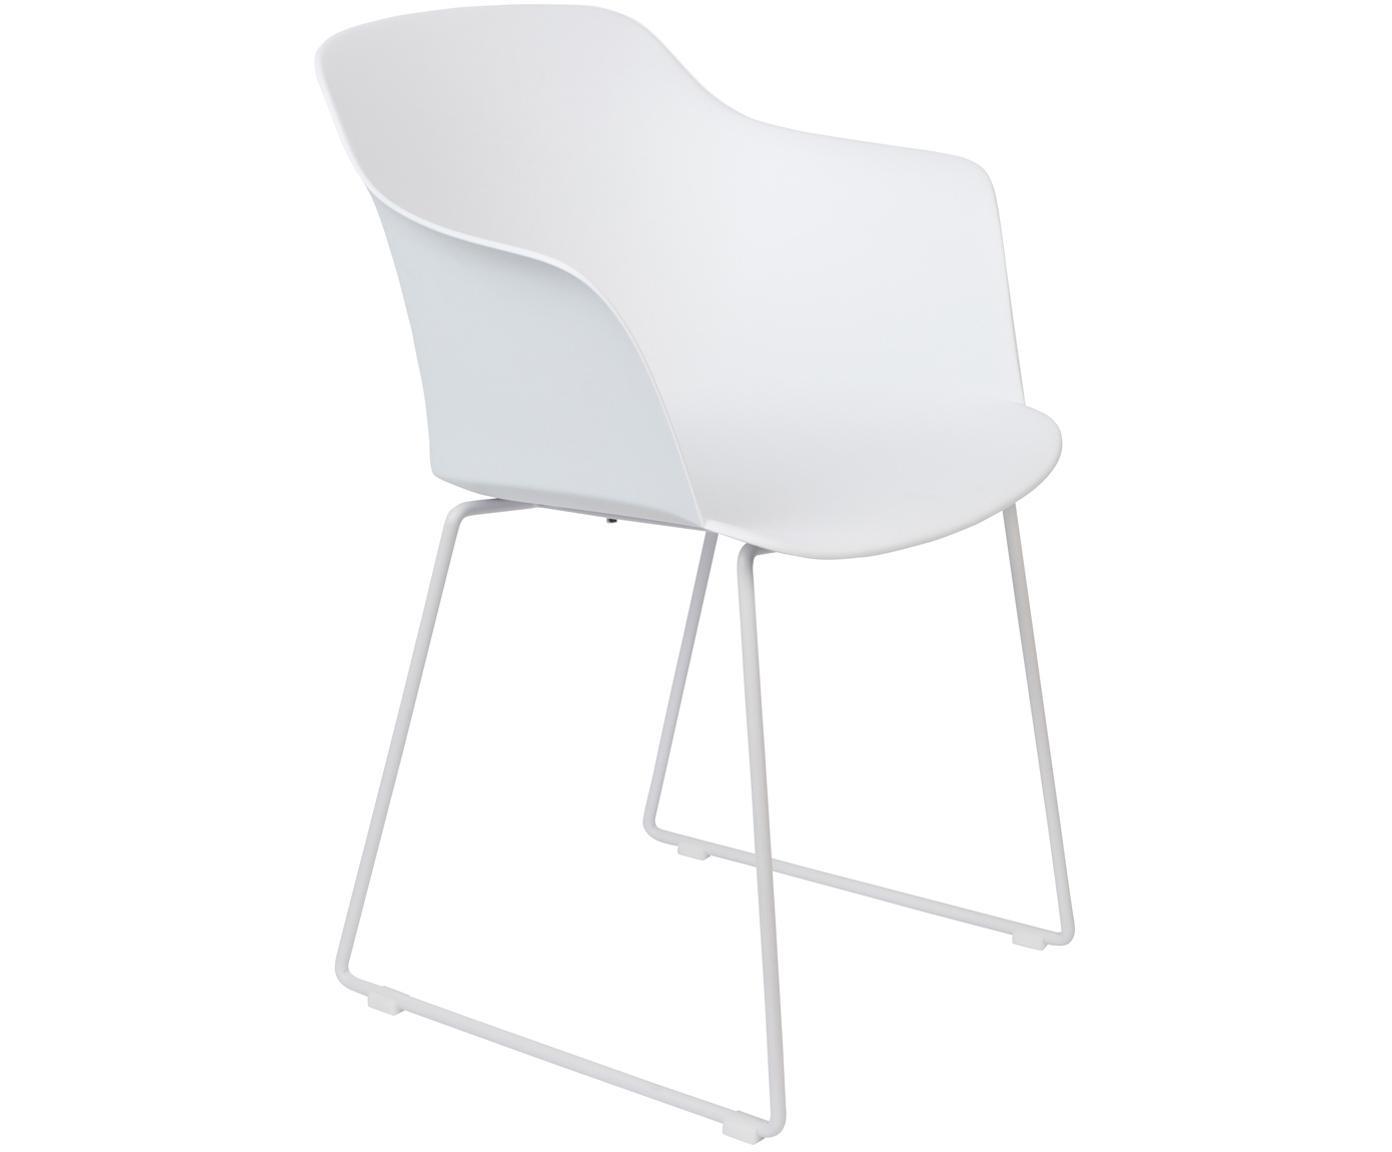 Krzesło z tworzywa sztucznego z podłokietnikami Tango, 2 szt., Nogi: metal malowany proszkowo, Biały, S 58 x G 54 cm